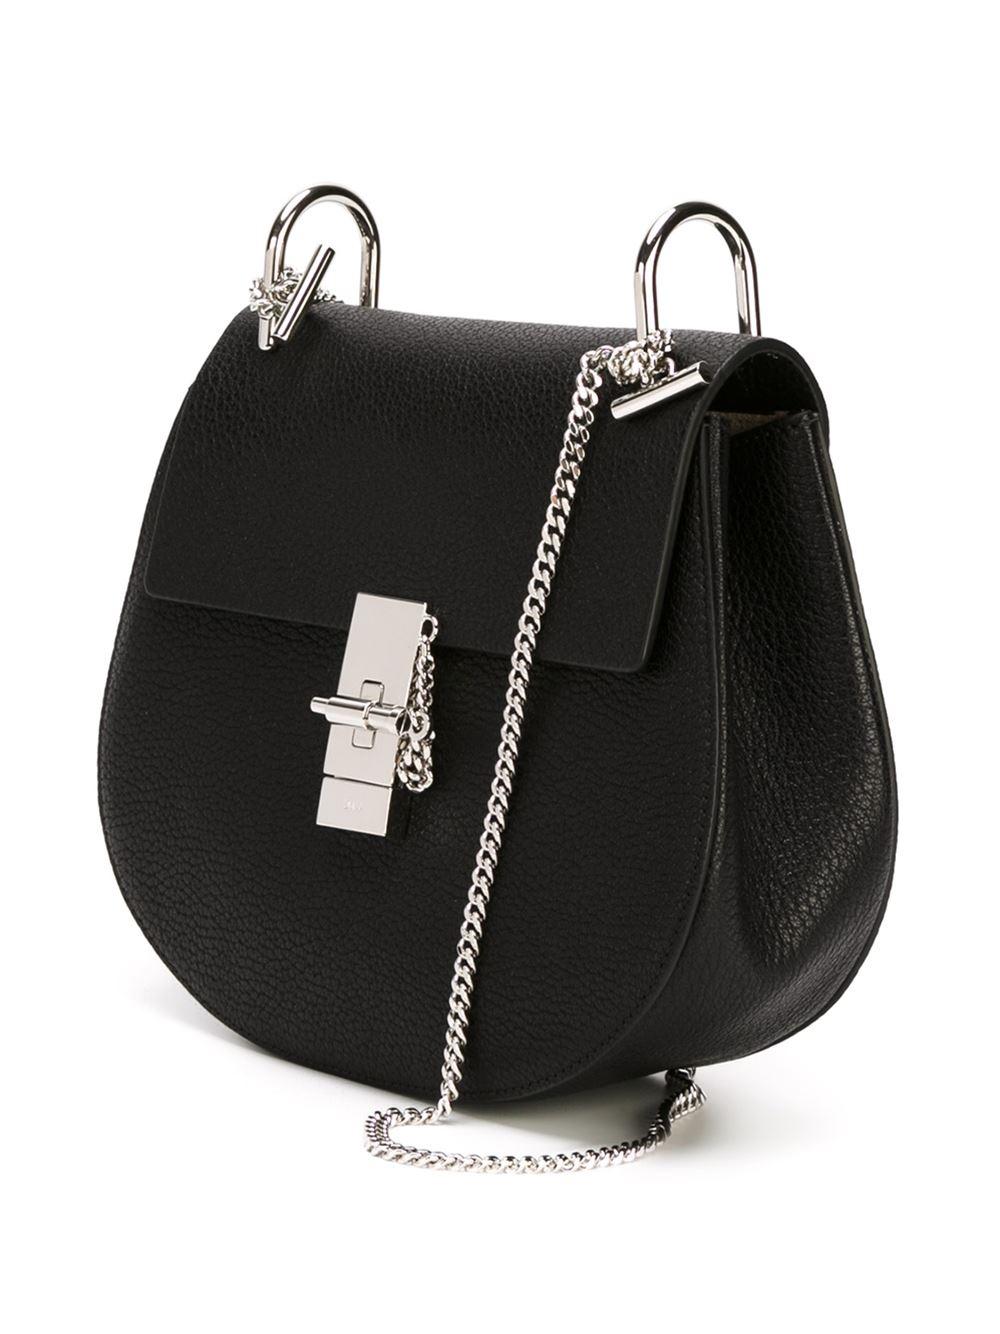 chlo 39 drew 39 shoulder bag in black lyst. Black Bedroom Furniture Sets. Home Design Ideas